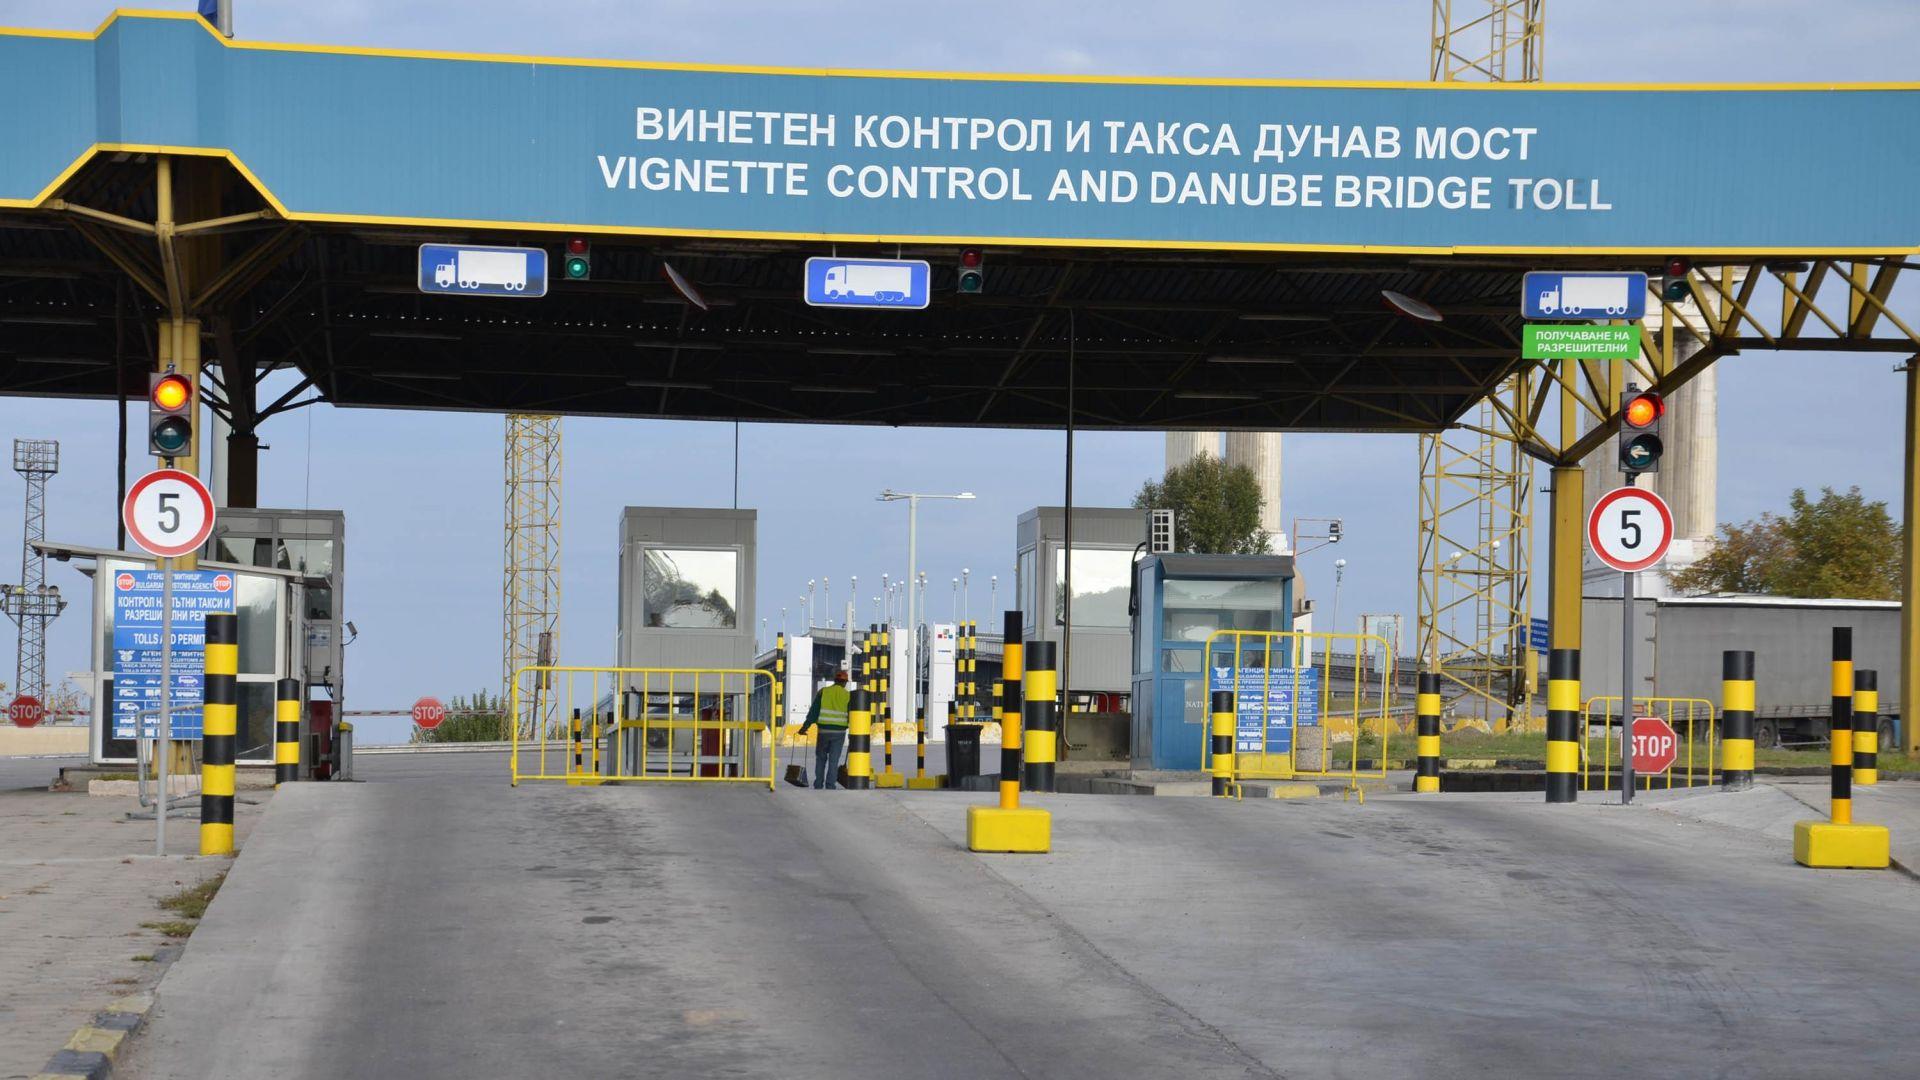 Митничари задържаха опасен товар в бус-платформа